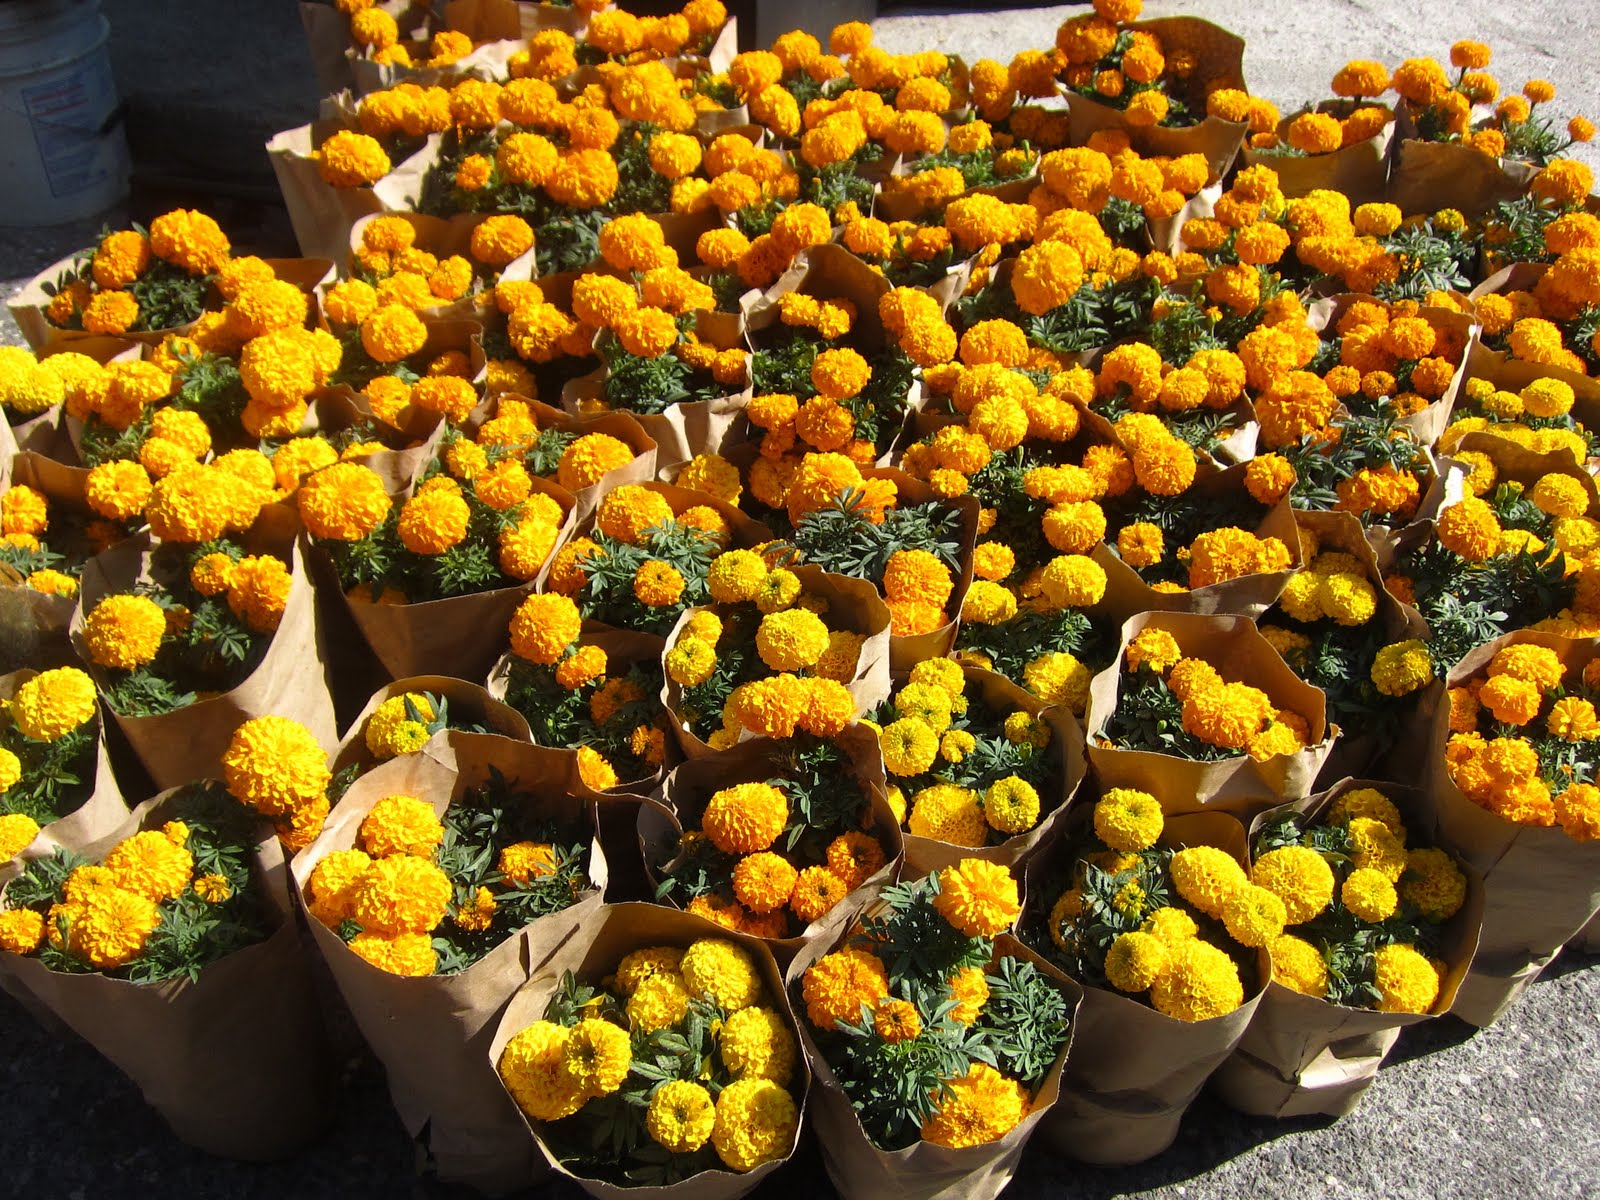 Mercadito de los Muertos - flor de cempasuchil